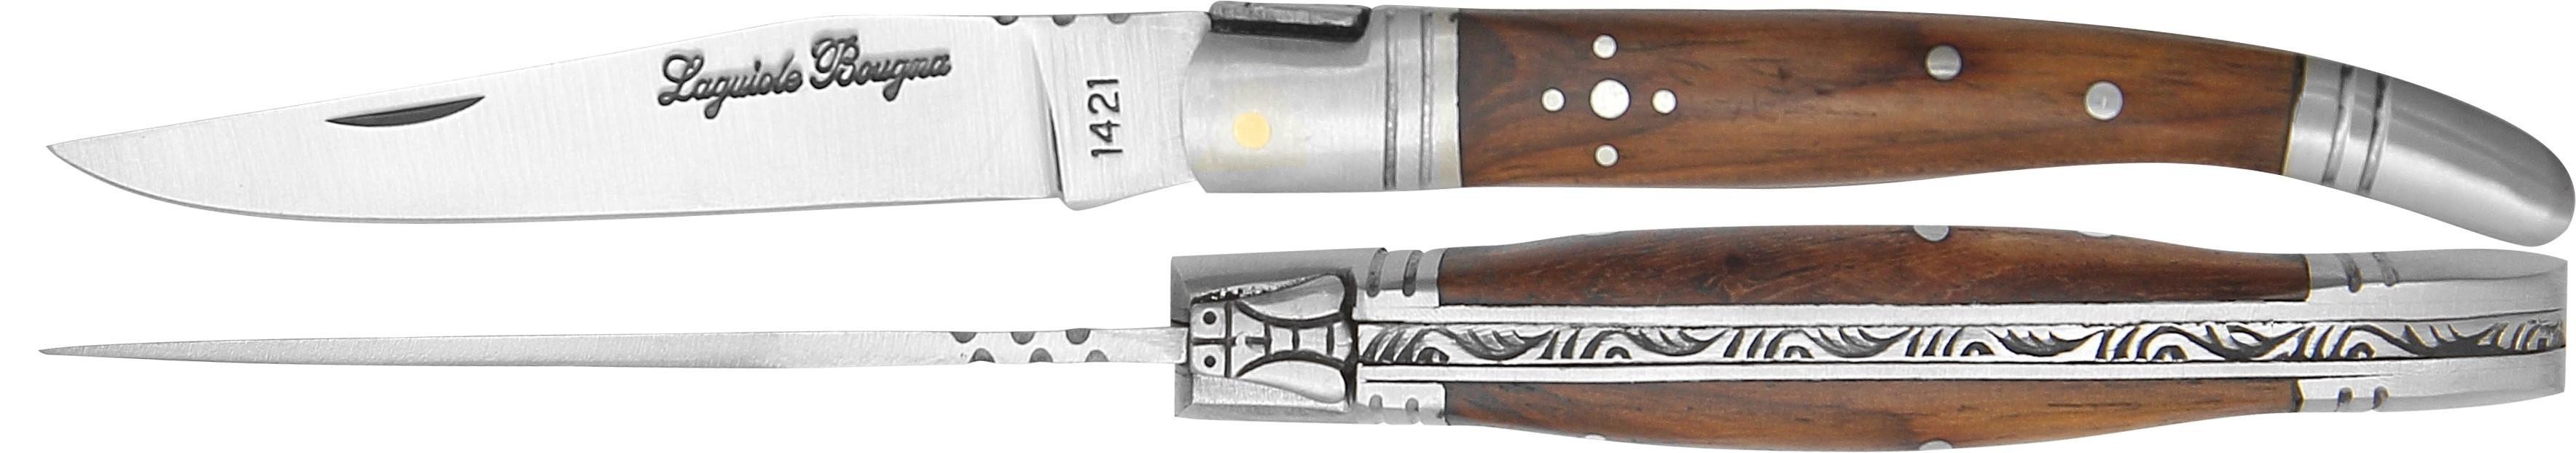 LB - Couteau 12 cm - palissandre